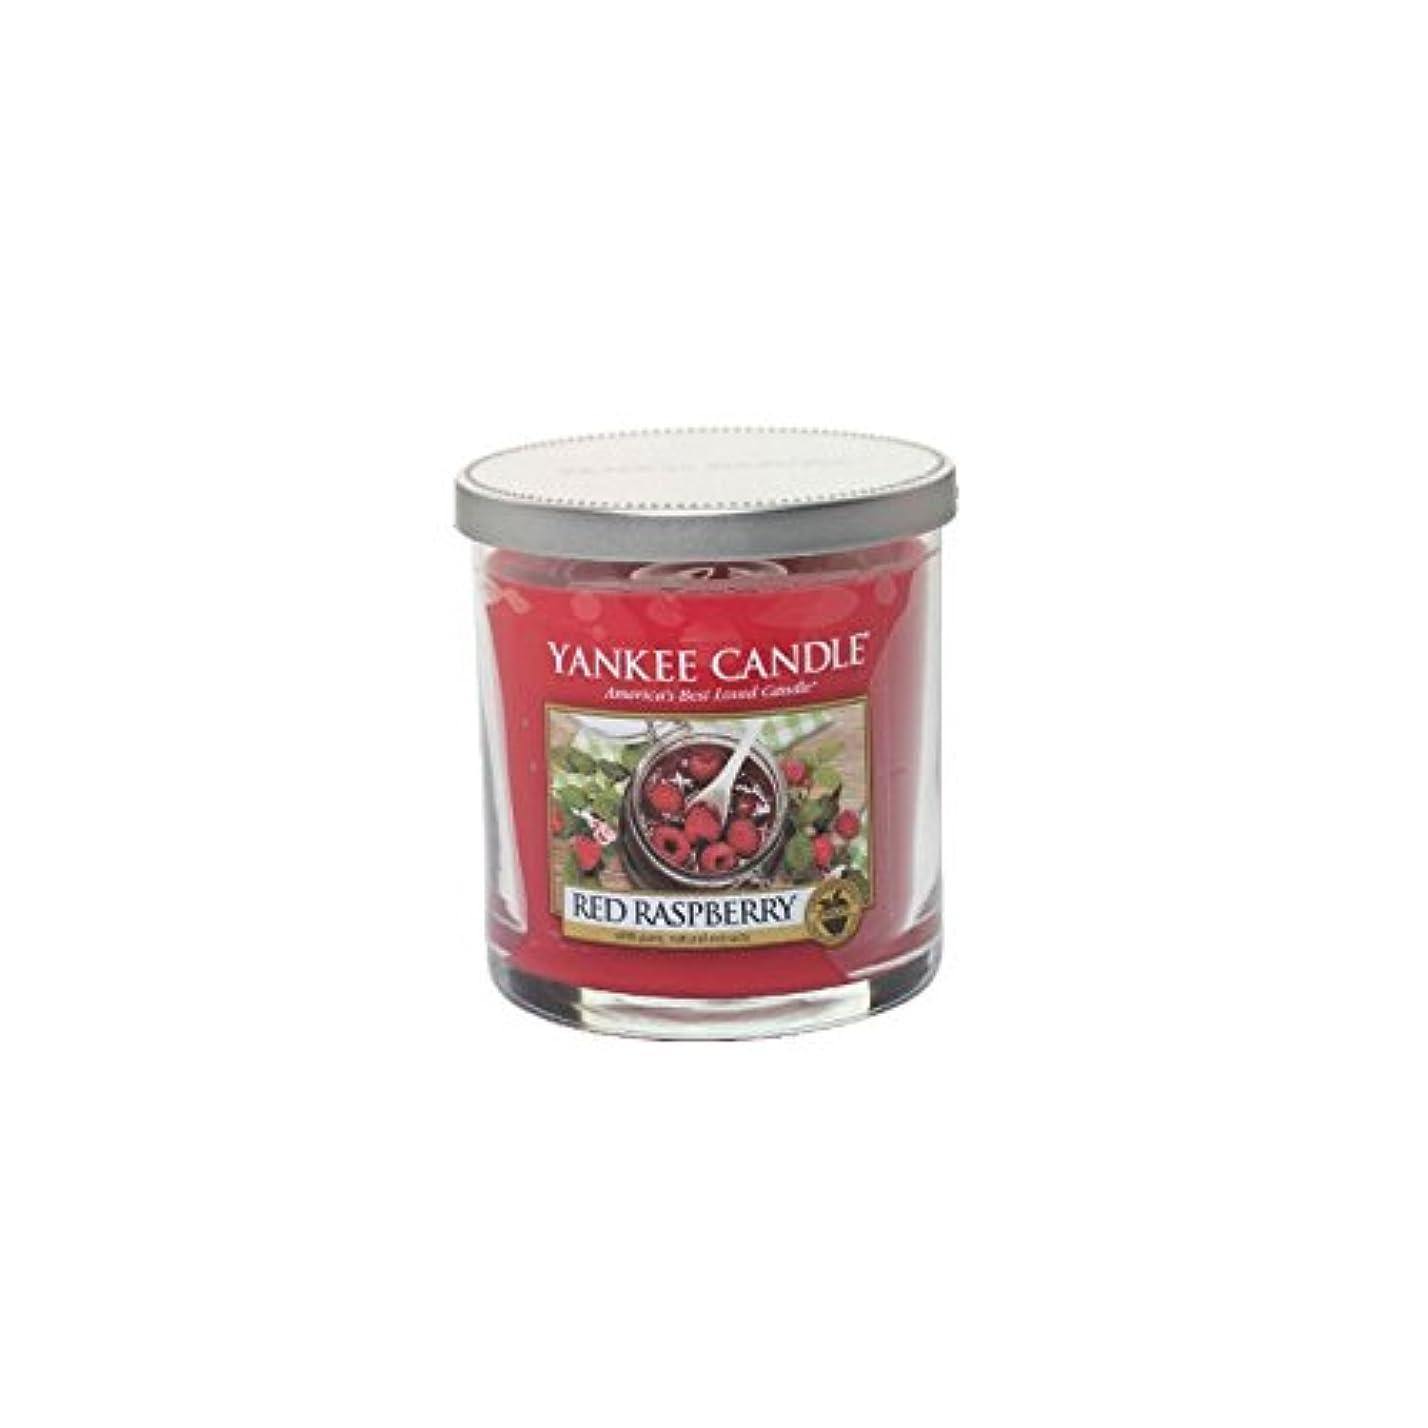 唇無限バイオリンYankee Candles Small Pillar Candle - Red Raspberry (Pack of 2) - ヤンキーキャンドルの小さな柱キャンドル - レッドラズベリー (x2) [並行輸入品]